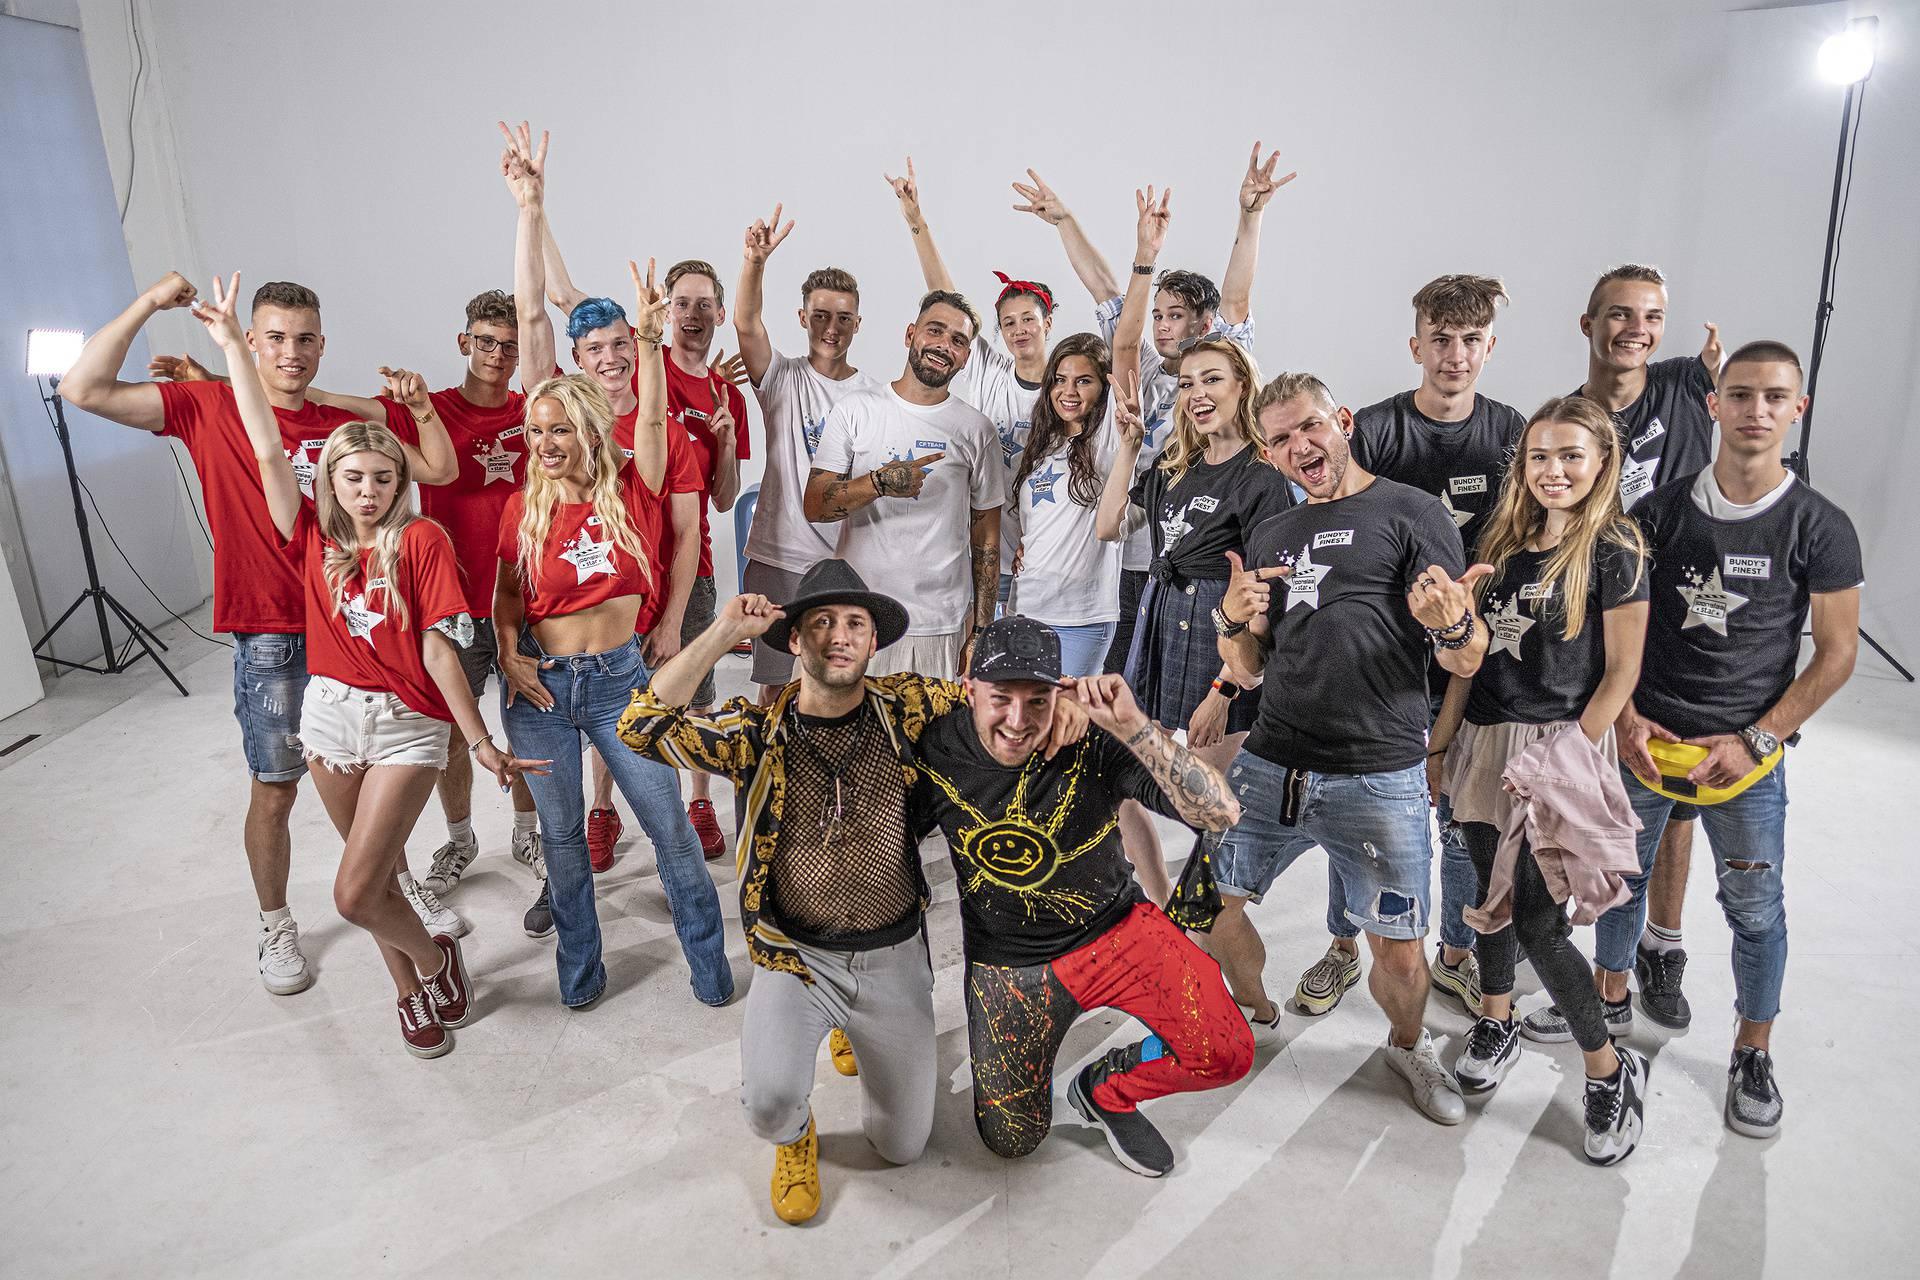 Slovenci imaju najzabavniji talent show, natjecatelje pitali: 'Tko je od vas biseksualan?'